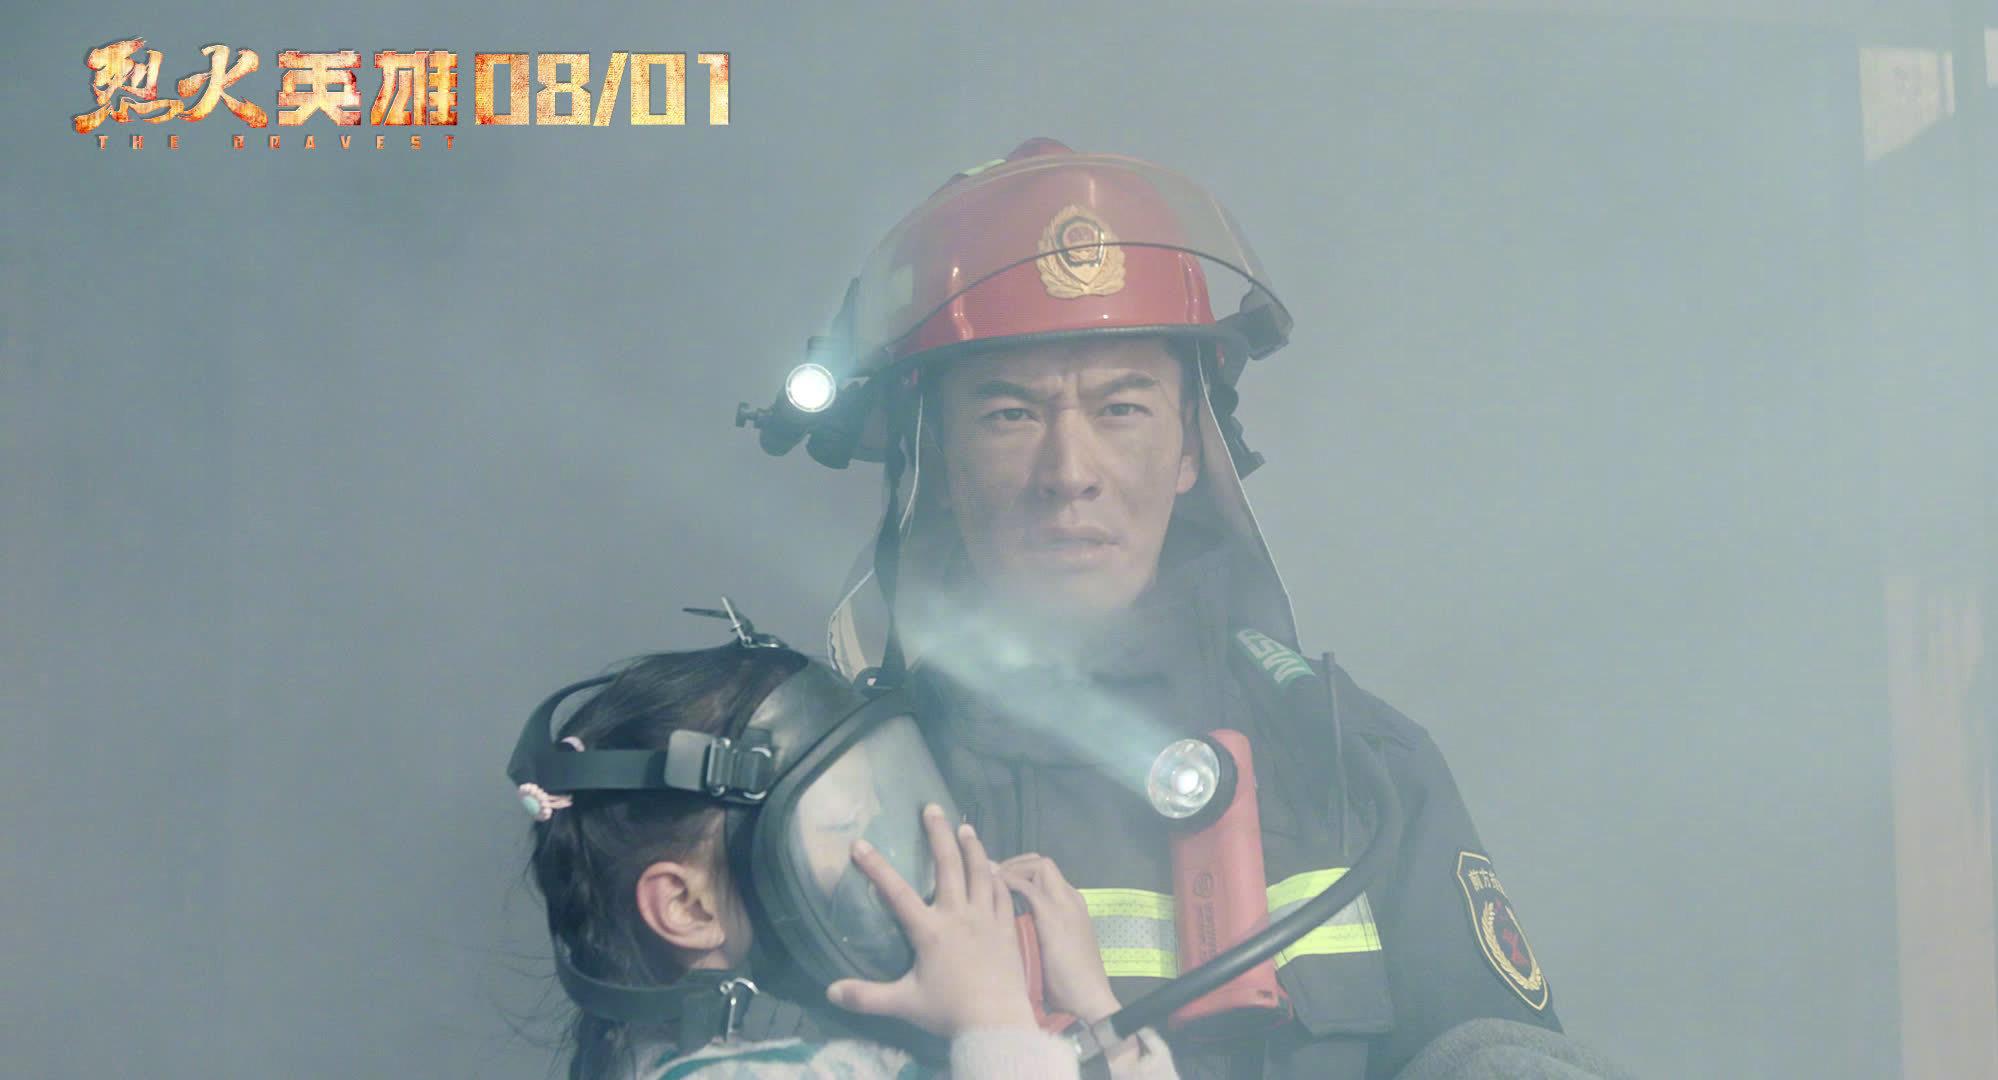 发布主题曲《逆行者》MV,由著名歌唱家、全国消防宣传大使雷佳演唱